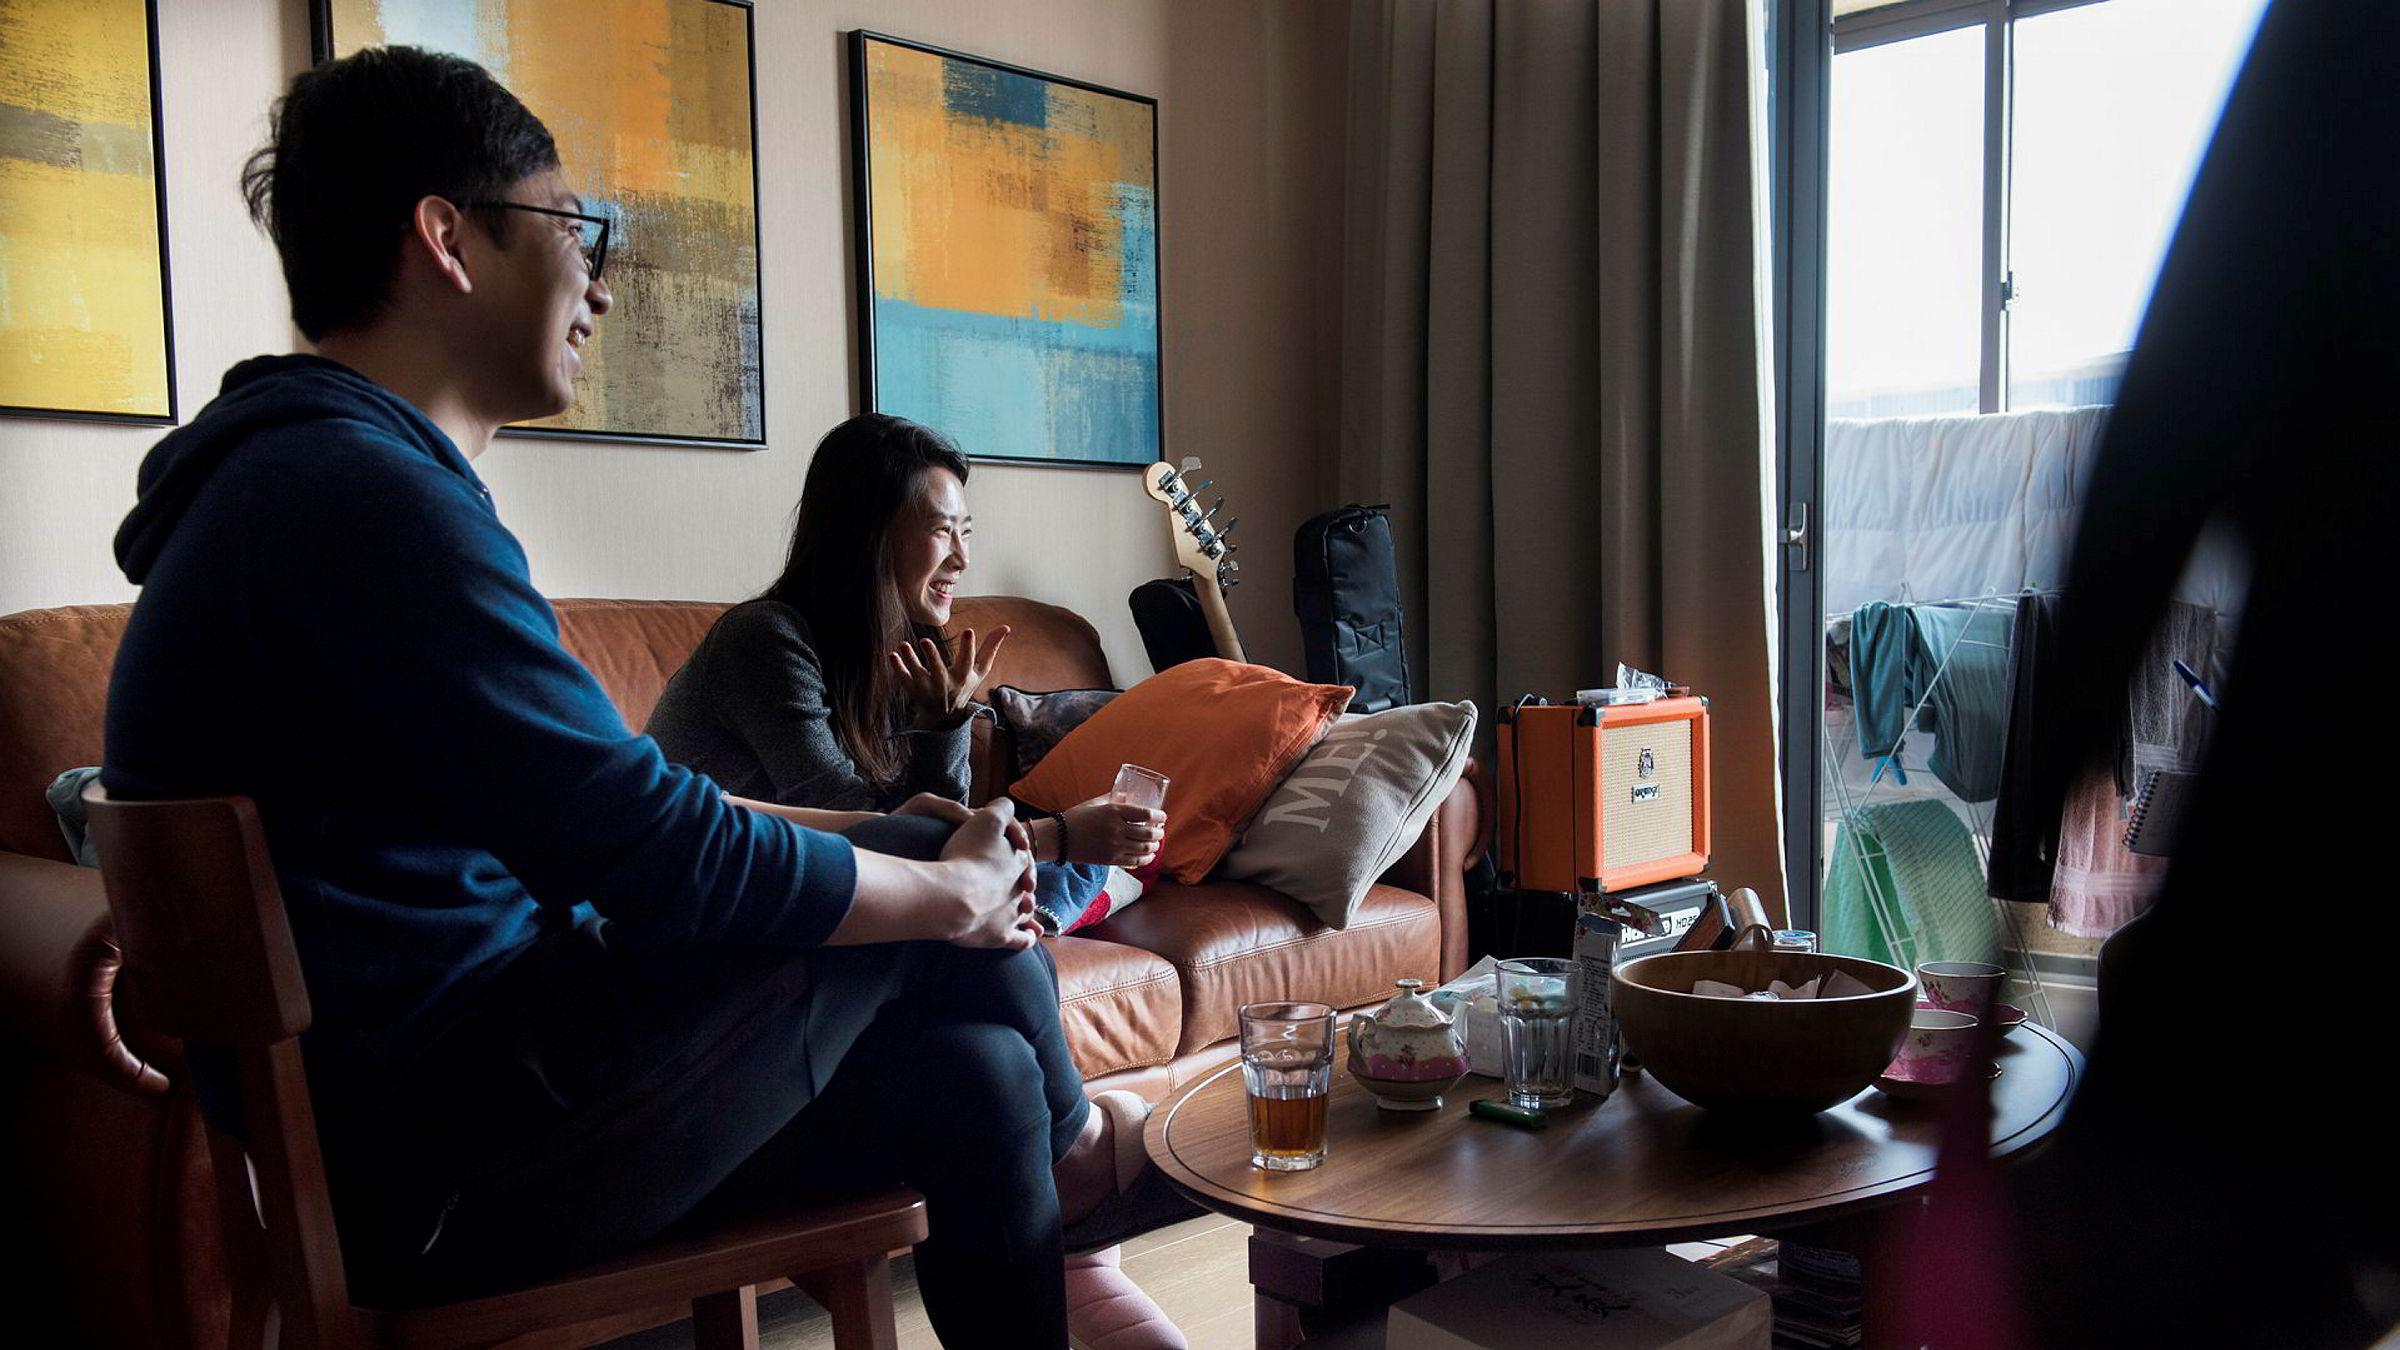 Det unge paret Yu «Angel» Zhong (til høyre) og Hao Wu flyttet inn i en ny leilighet i Pudong-distriktet i Shanghai i fjor. Senere har boligprisene steget over 20 prosent, og nye boligkjøpere har vanskeligere for å få lån i banken.